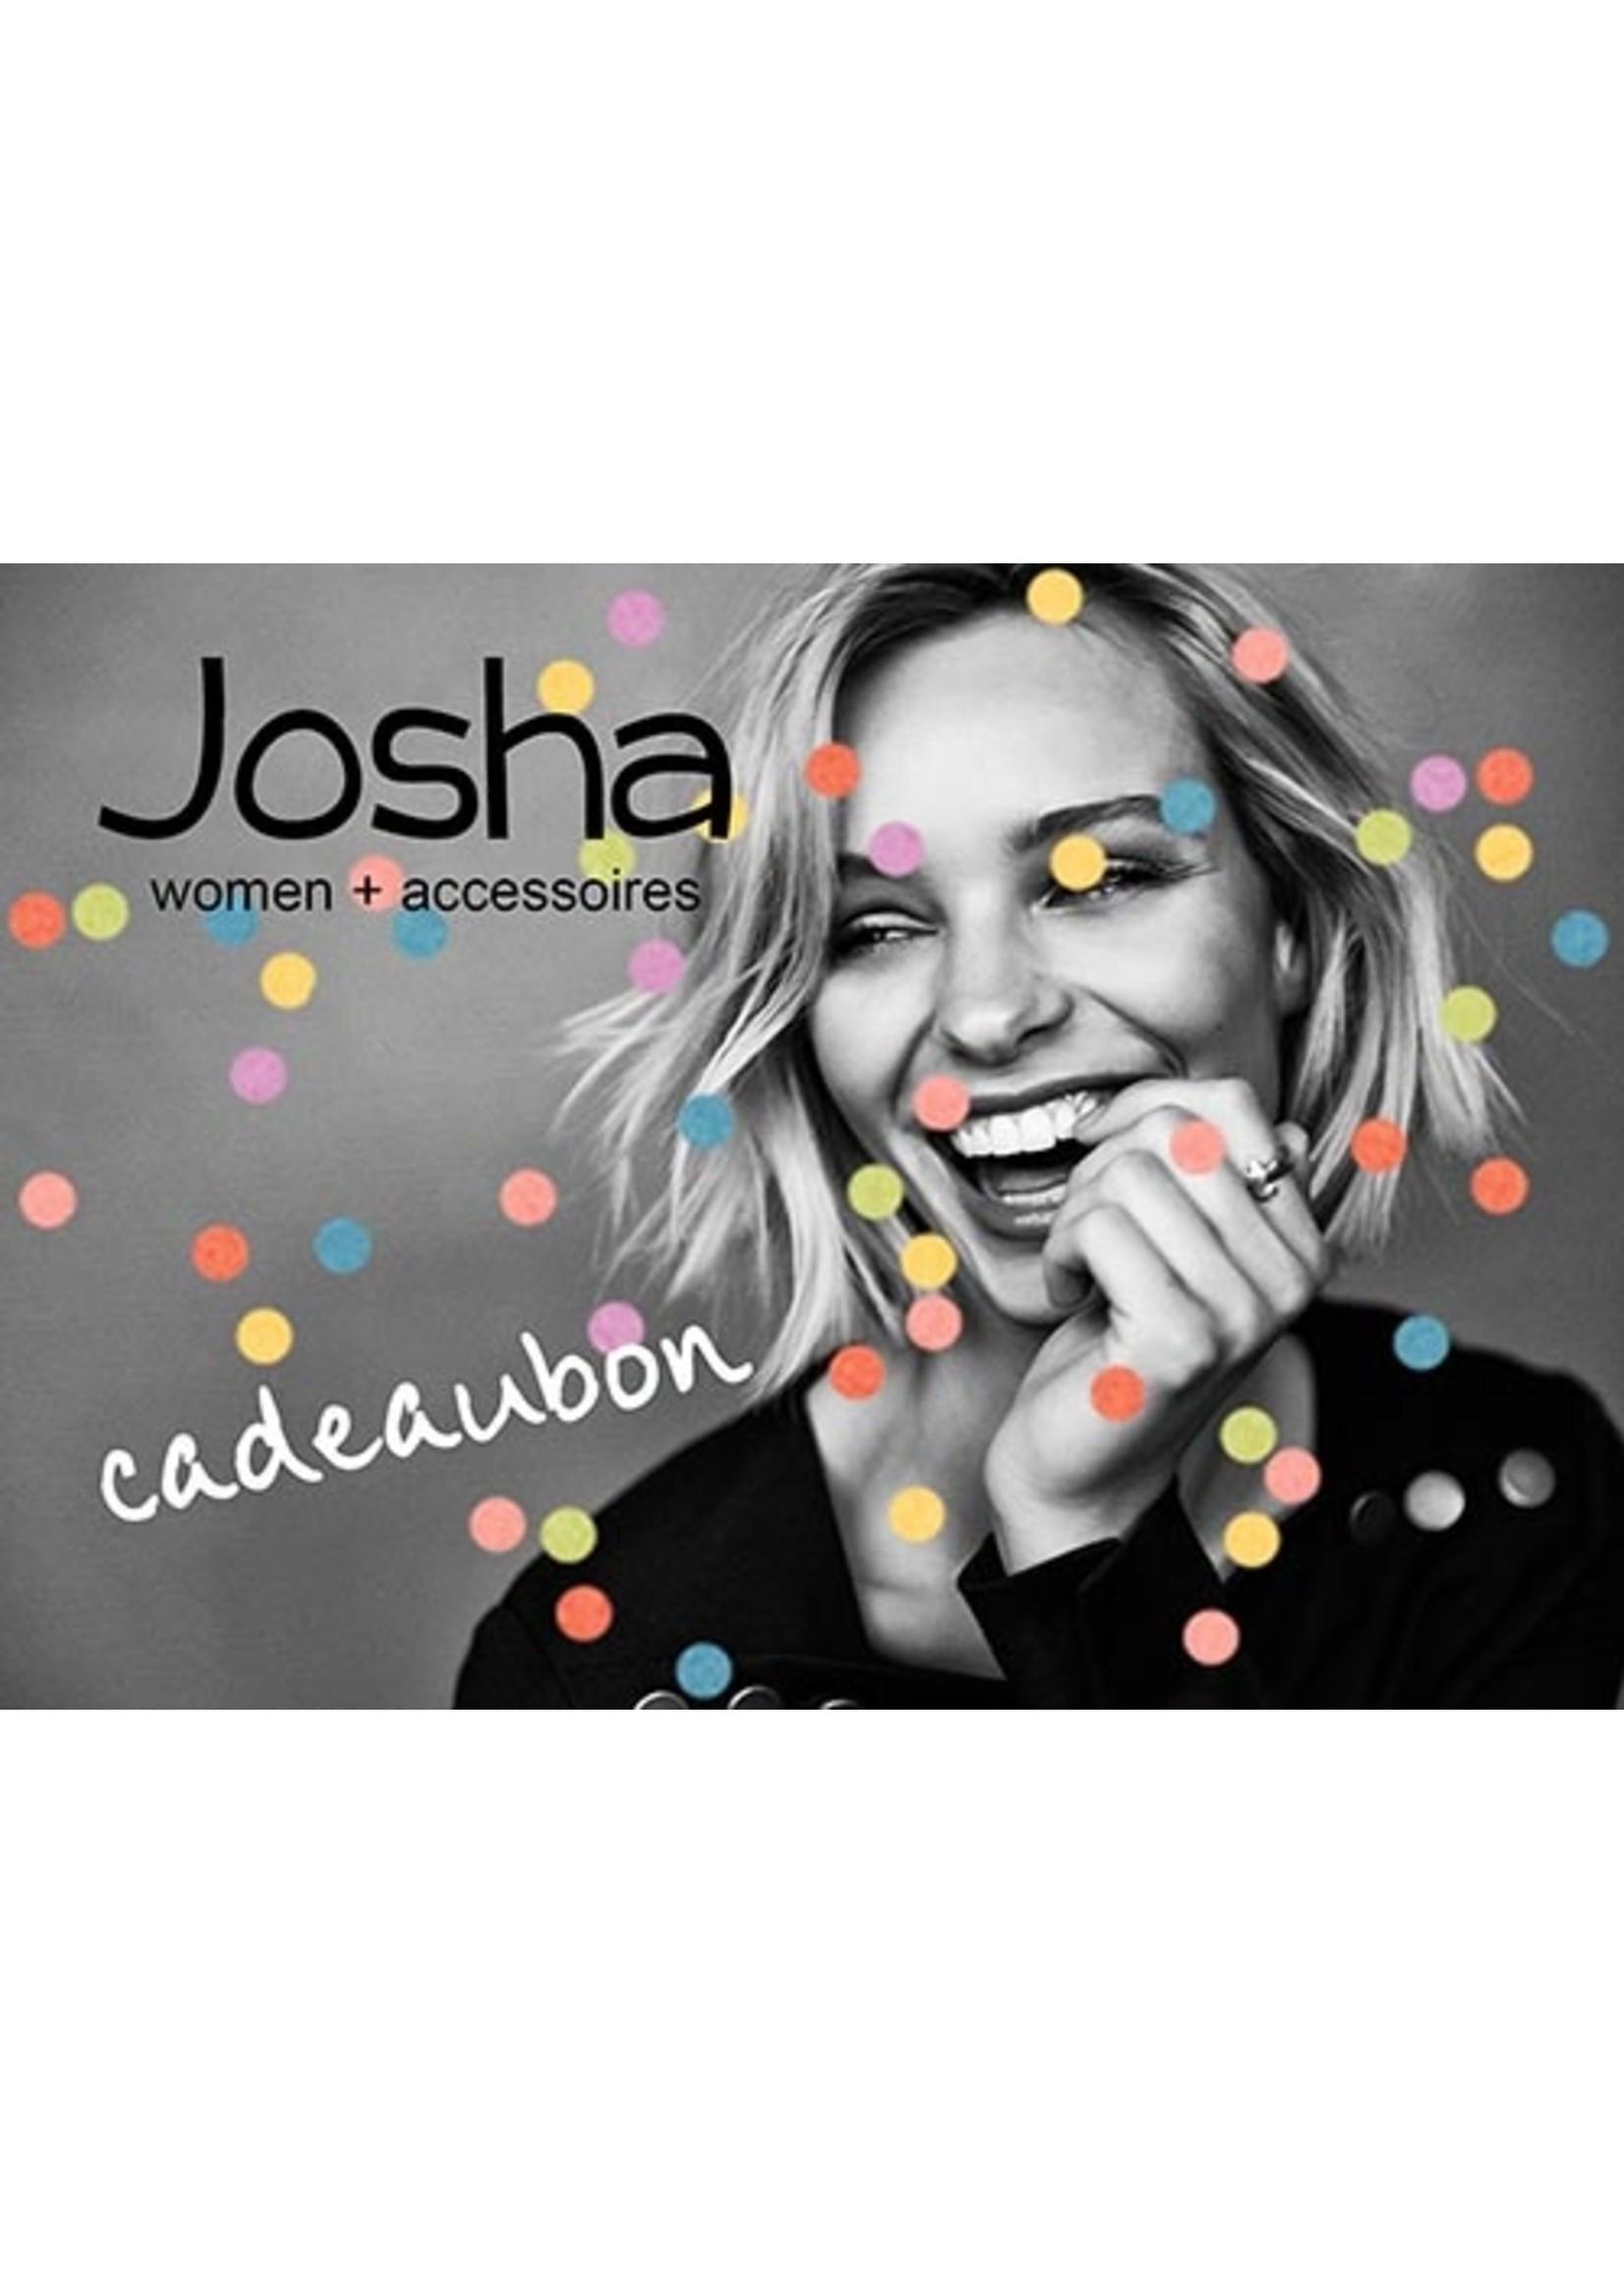 Cadeaubon Josha € 30,00